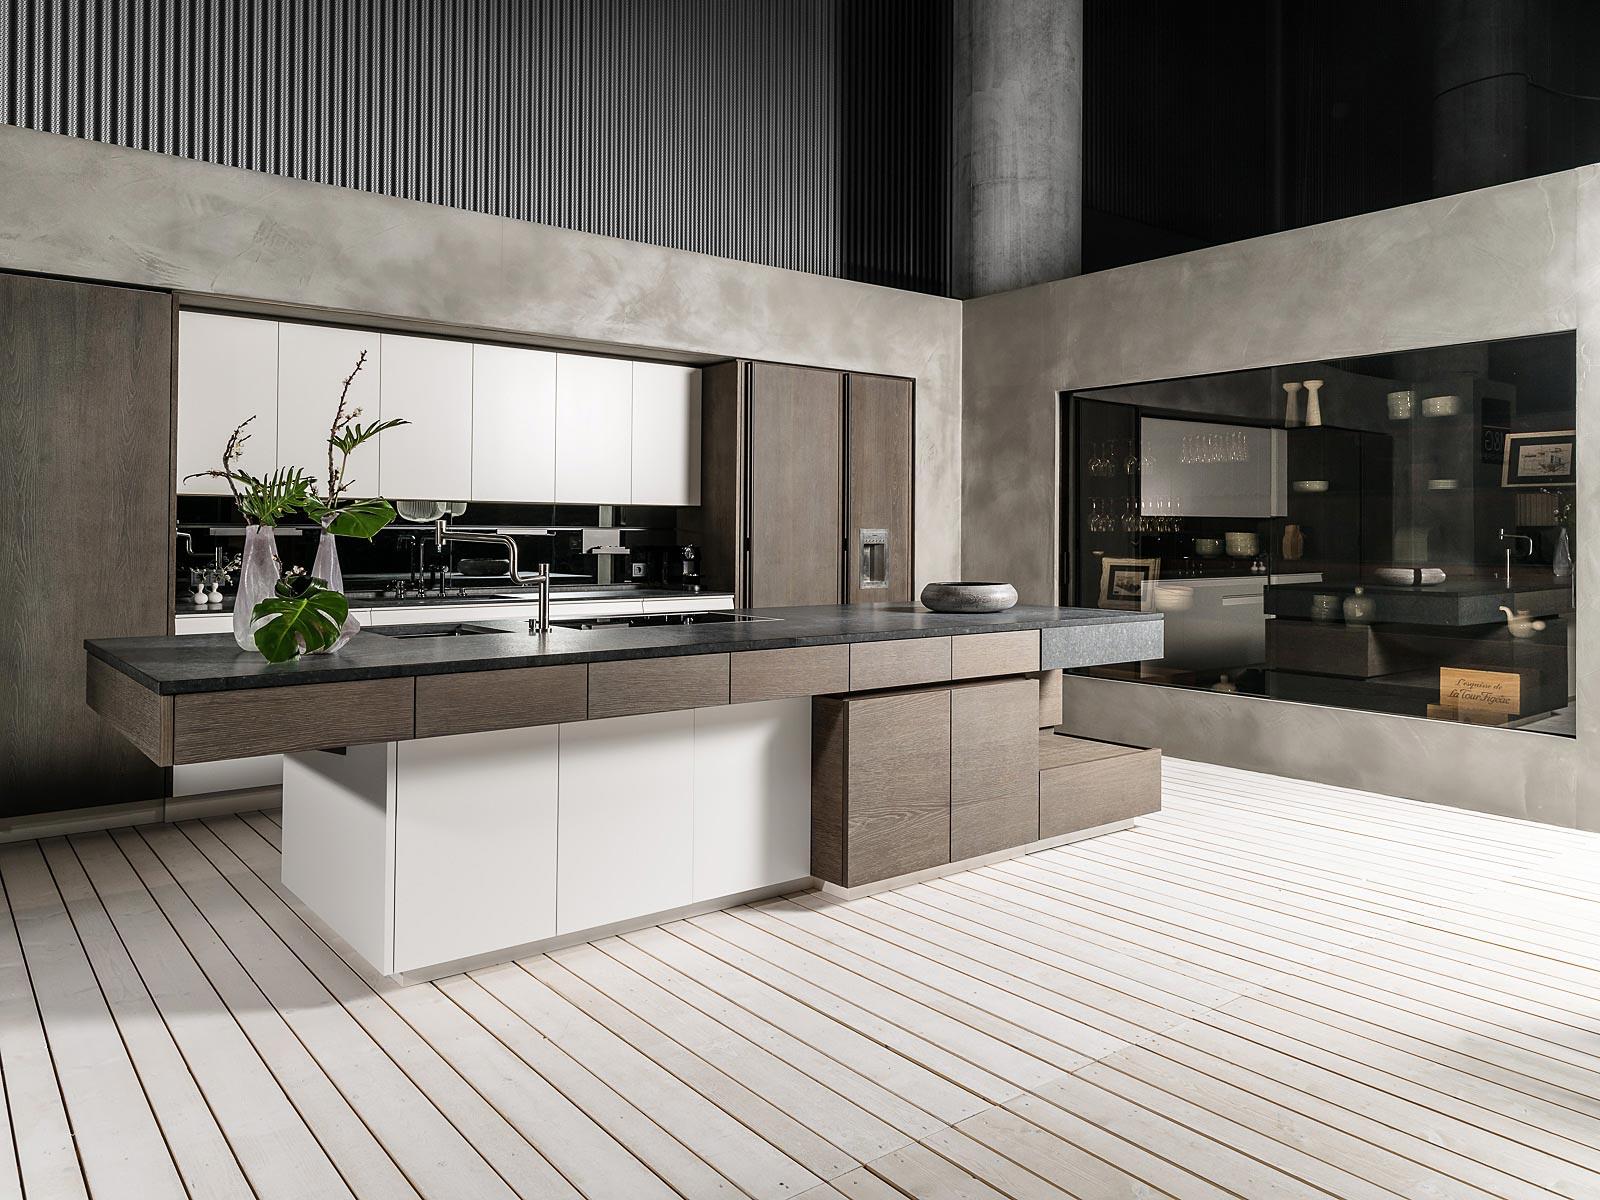 Mayr Glazl, Küchen Fotografie von individuell geplanten Küchen